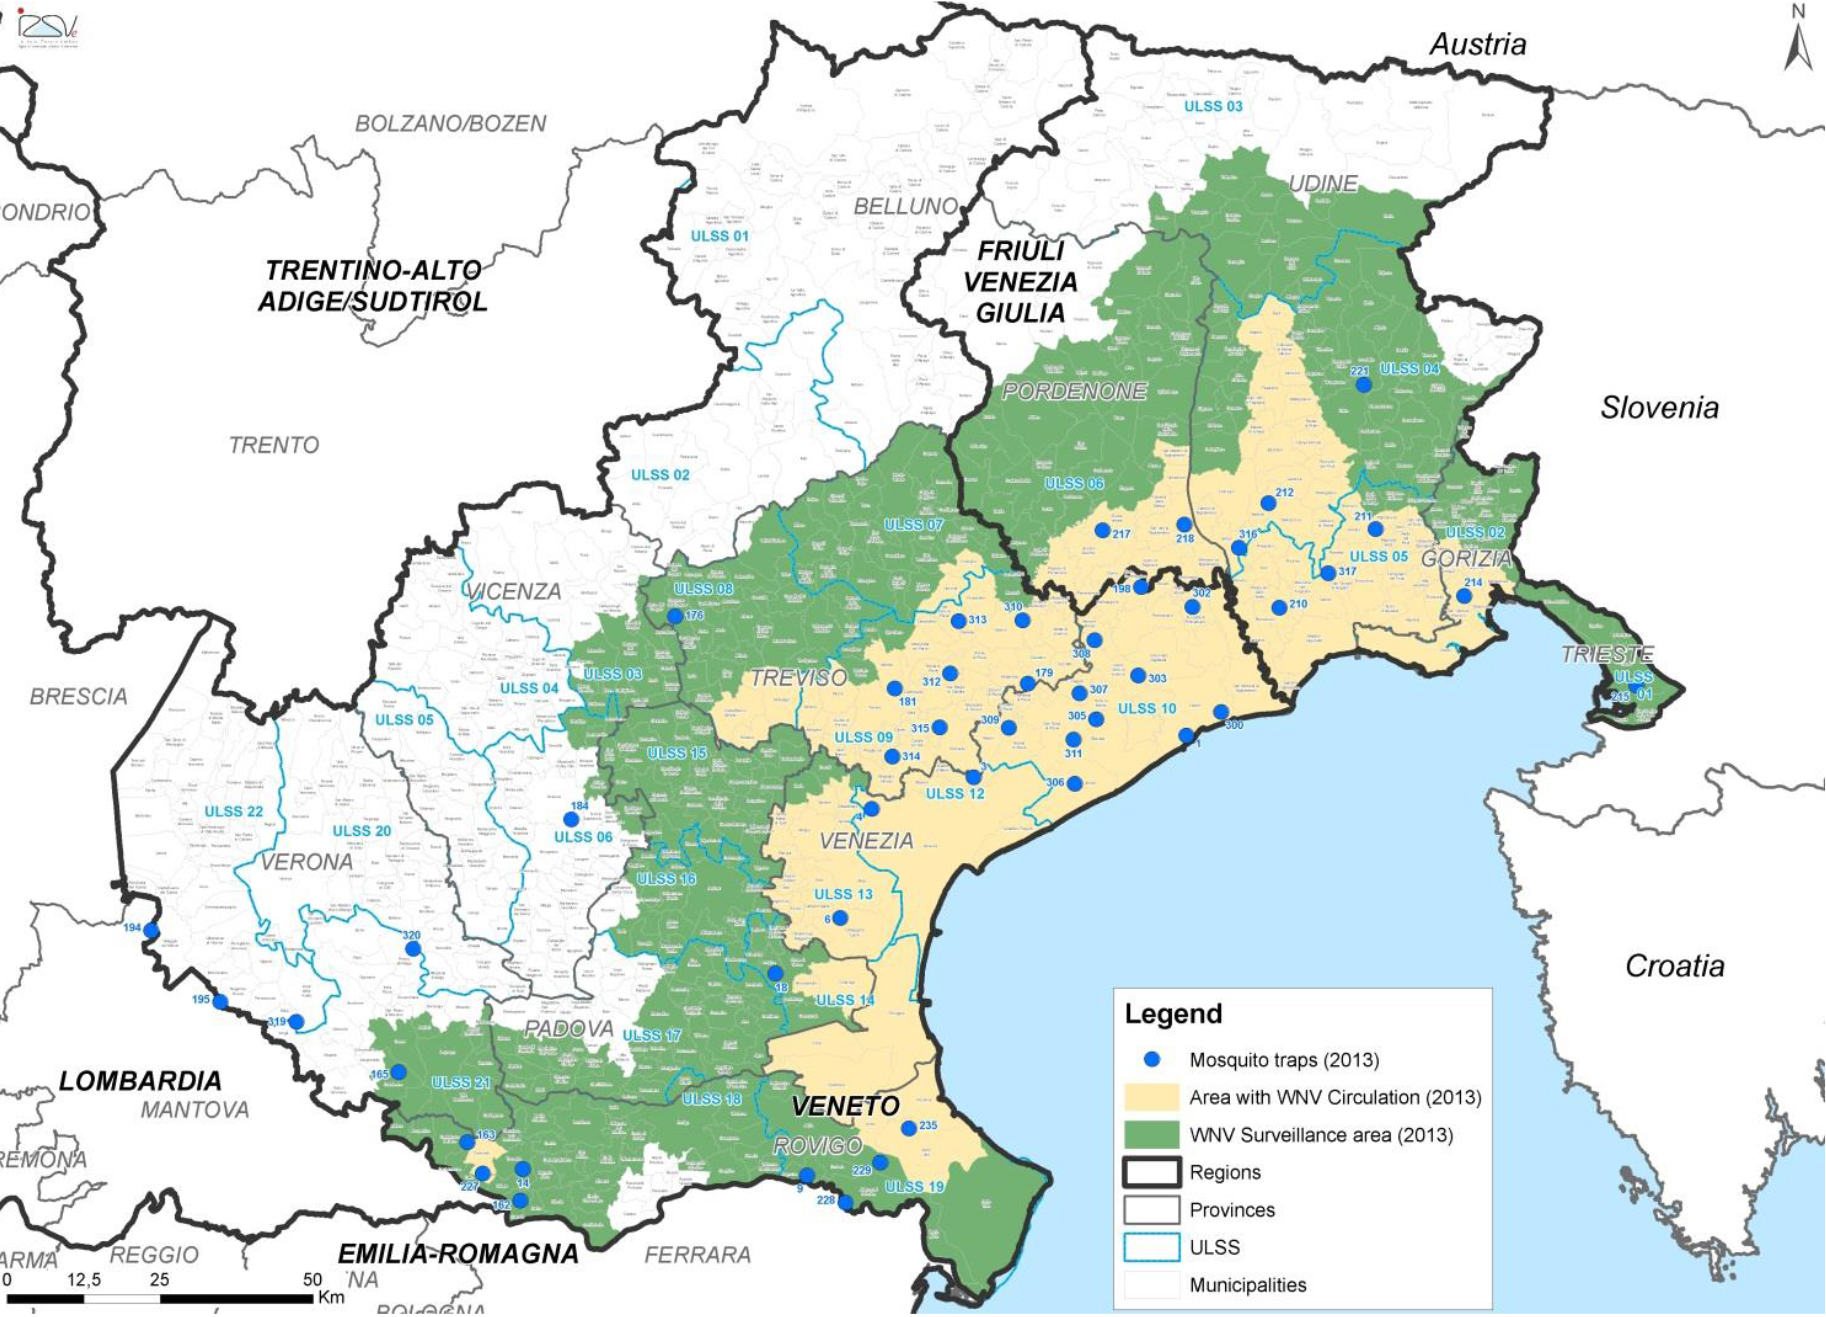 Mappa trappole per West Nile Disease